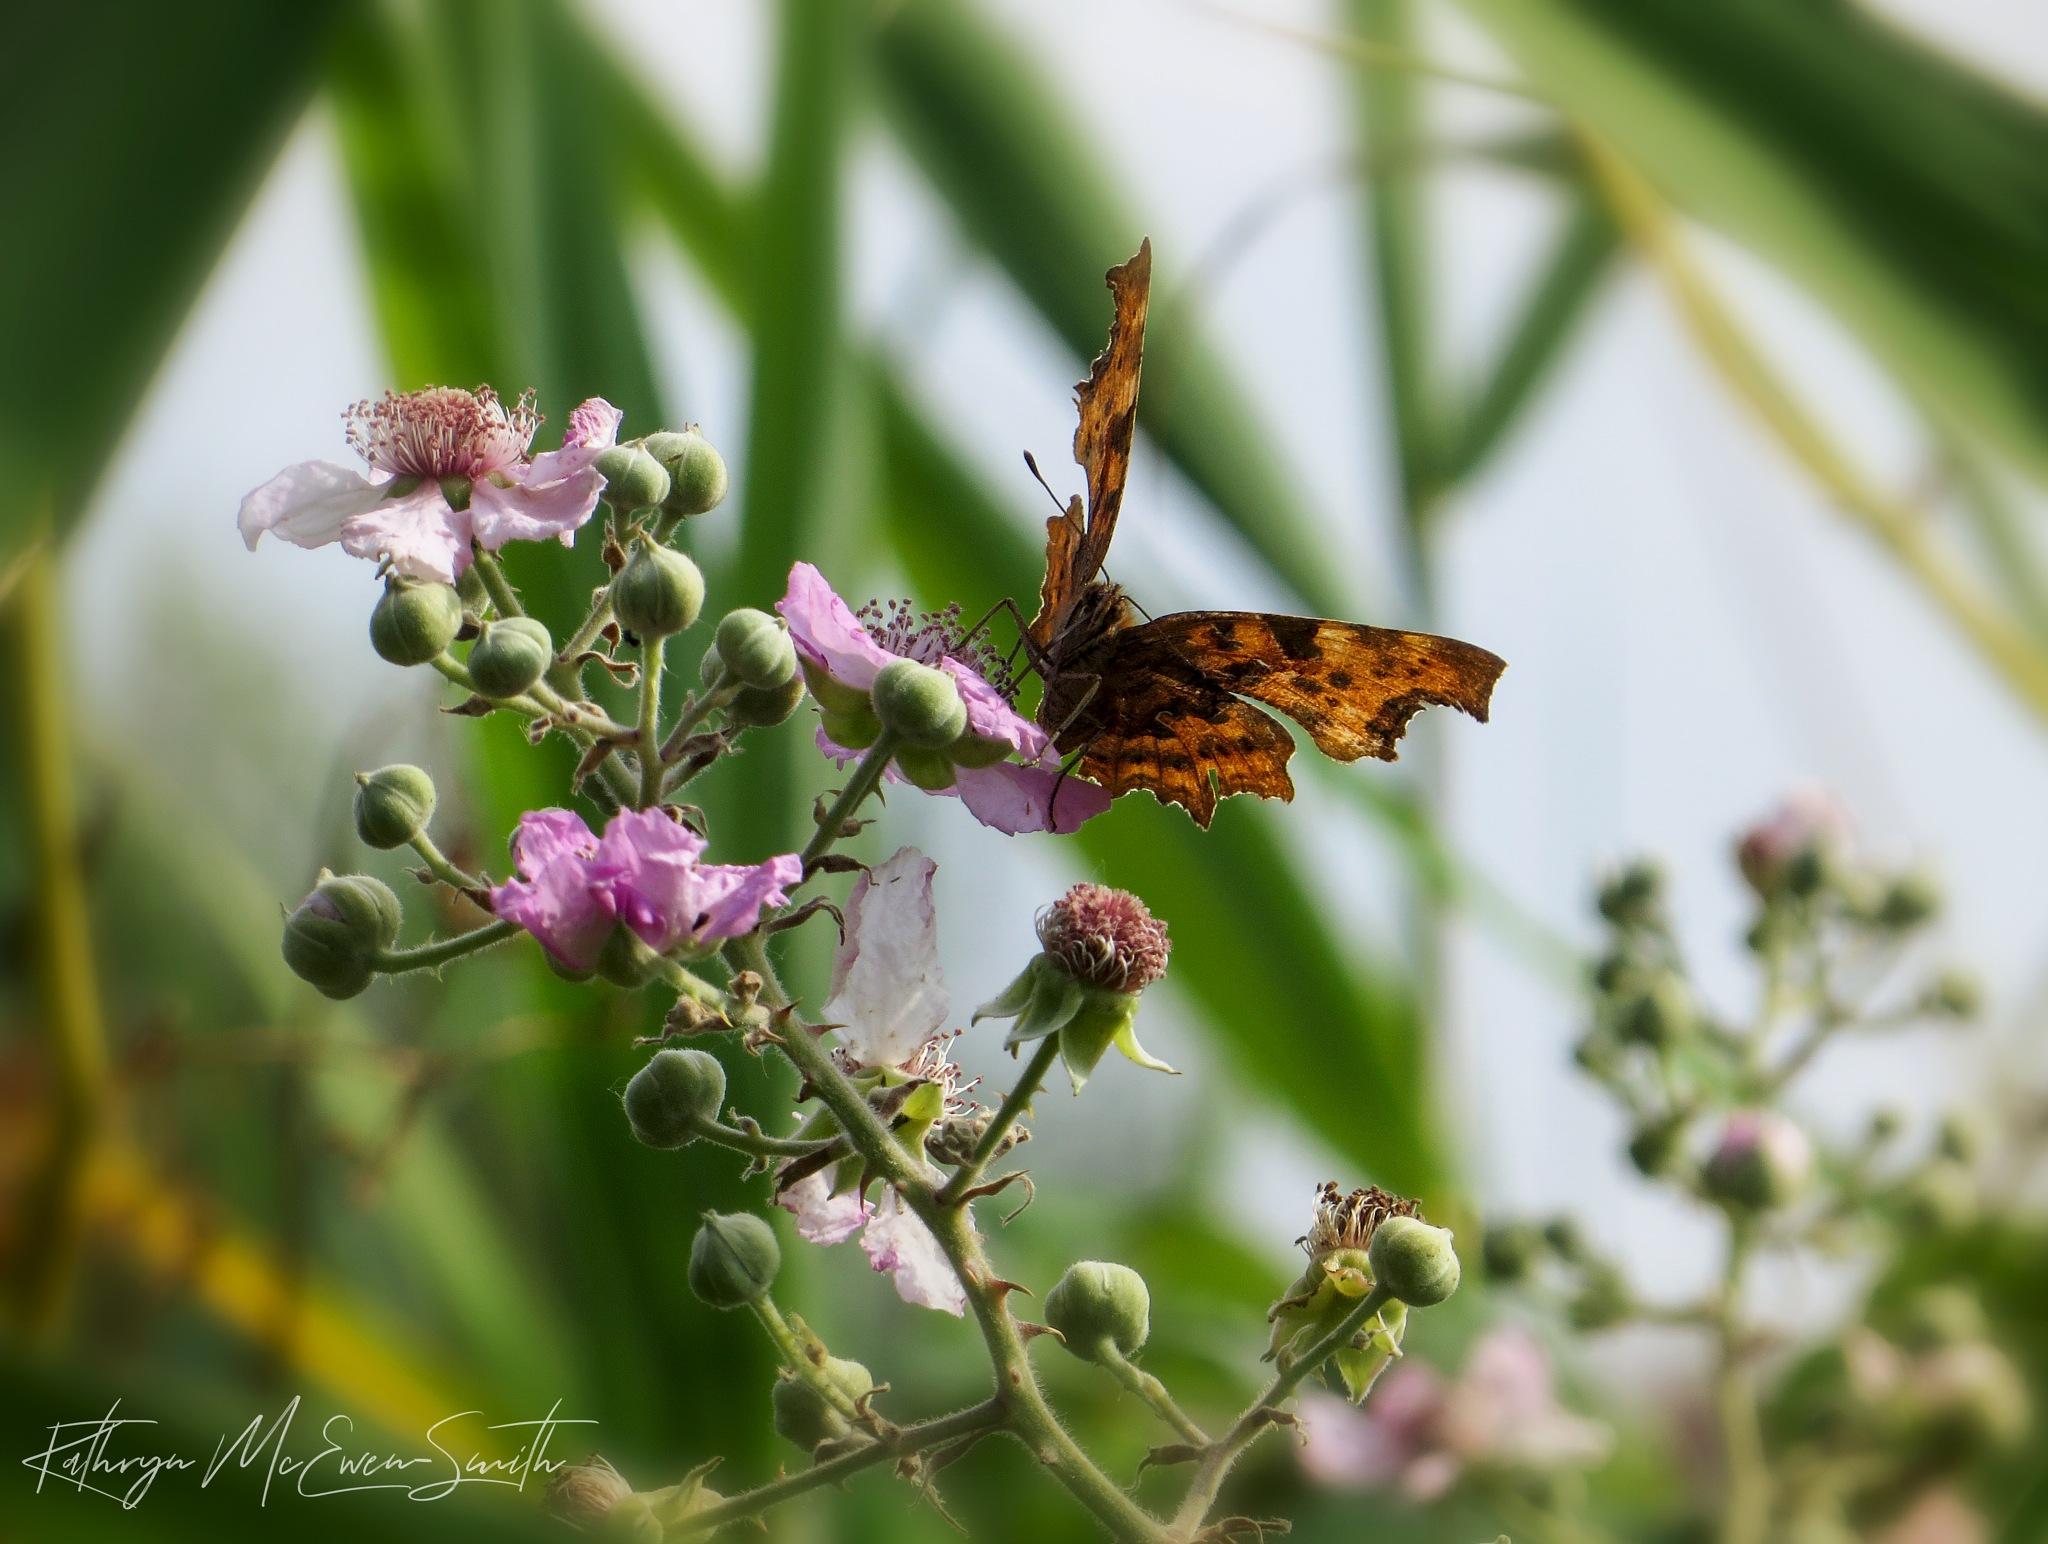 Butterfly feeding on wild pink flowers by Kathryn McEwen-Smith